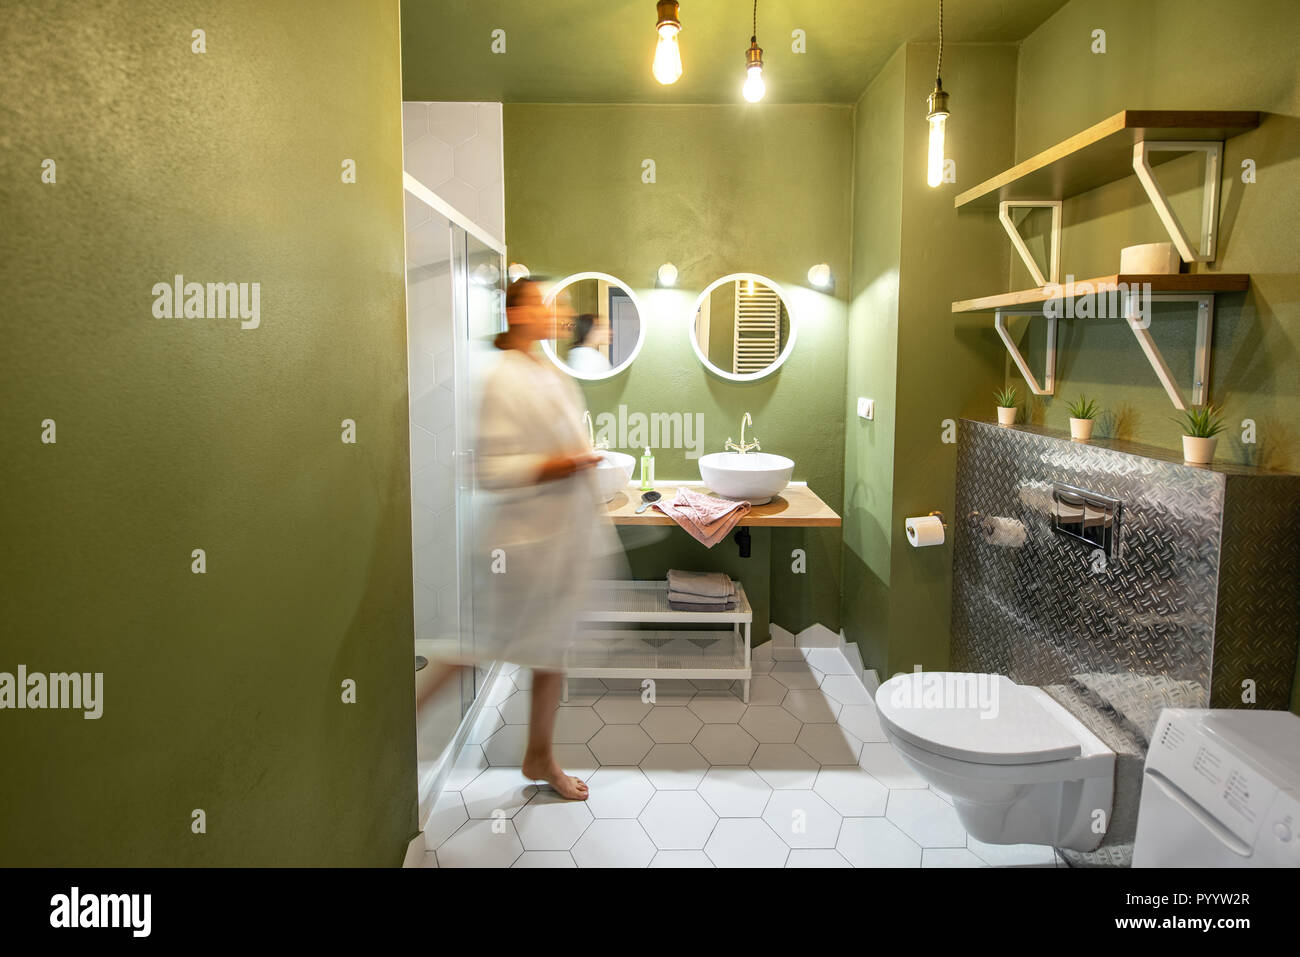 Schone Loft Innenraum Bad Mit Bewegung Verwischt Frau